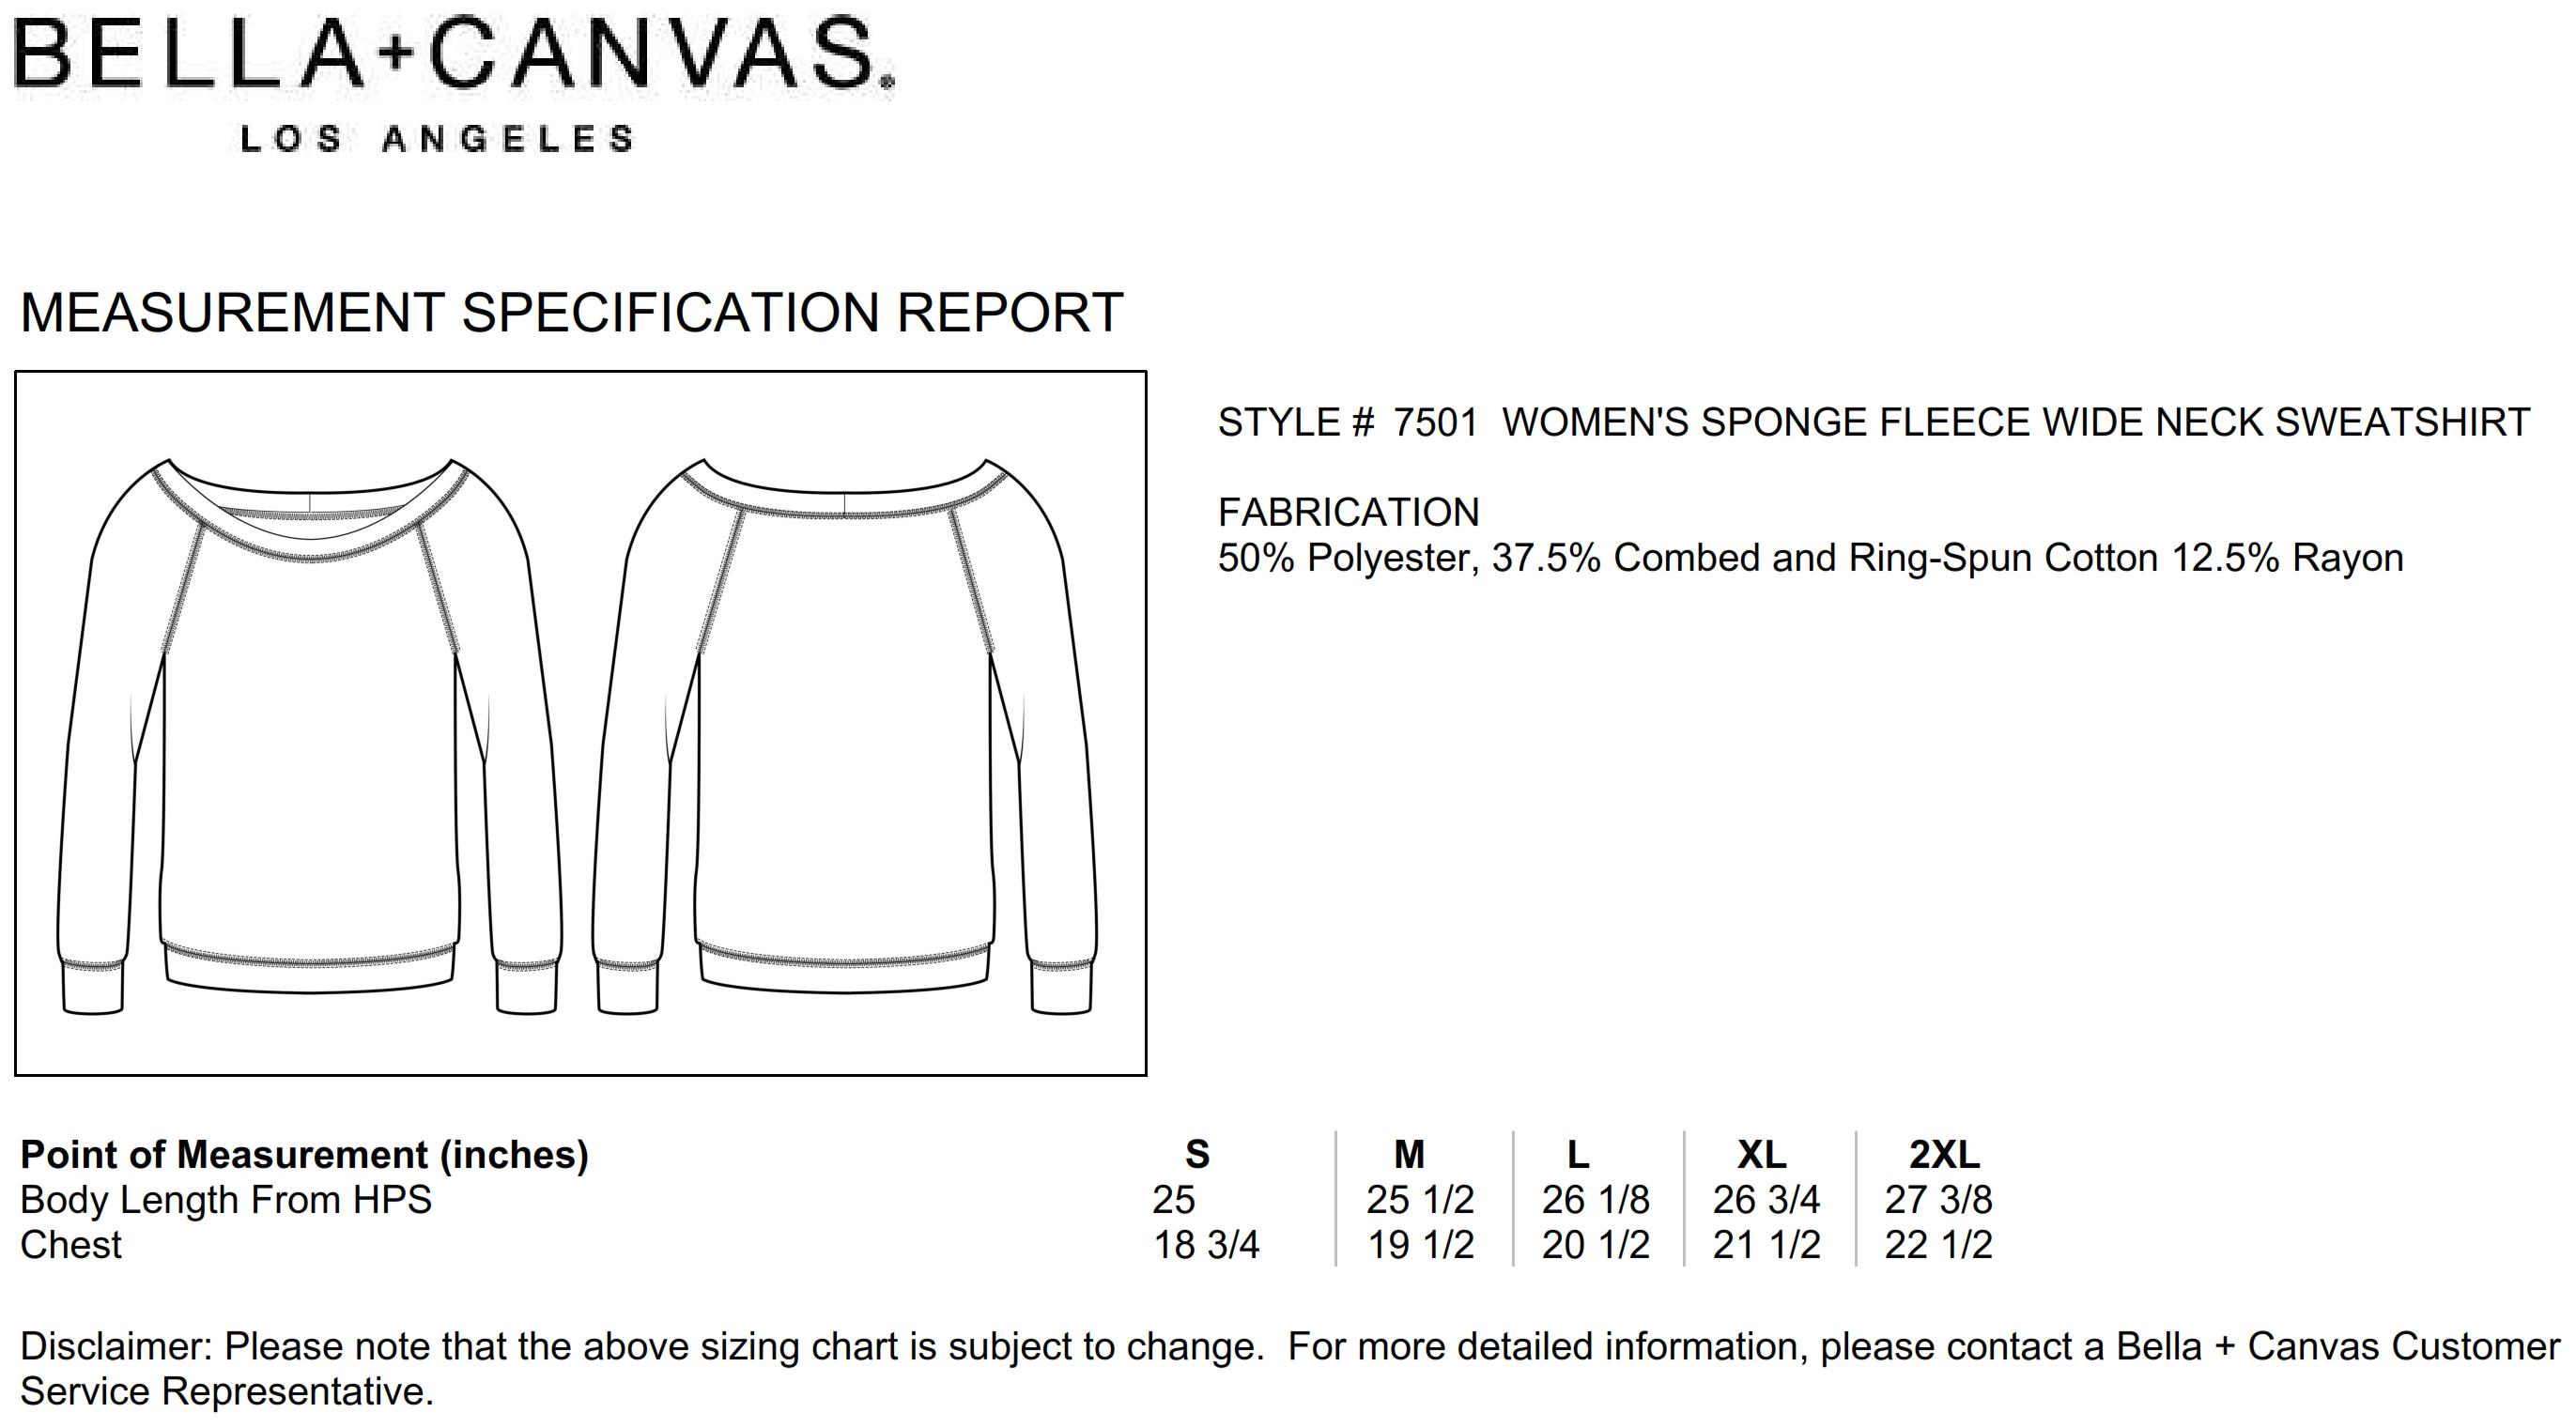 Bella+Canvas: Sponge Fleece Wideneck Sweatshirt 7501